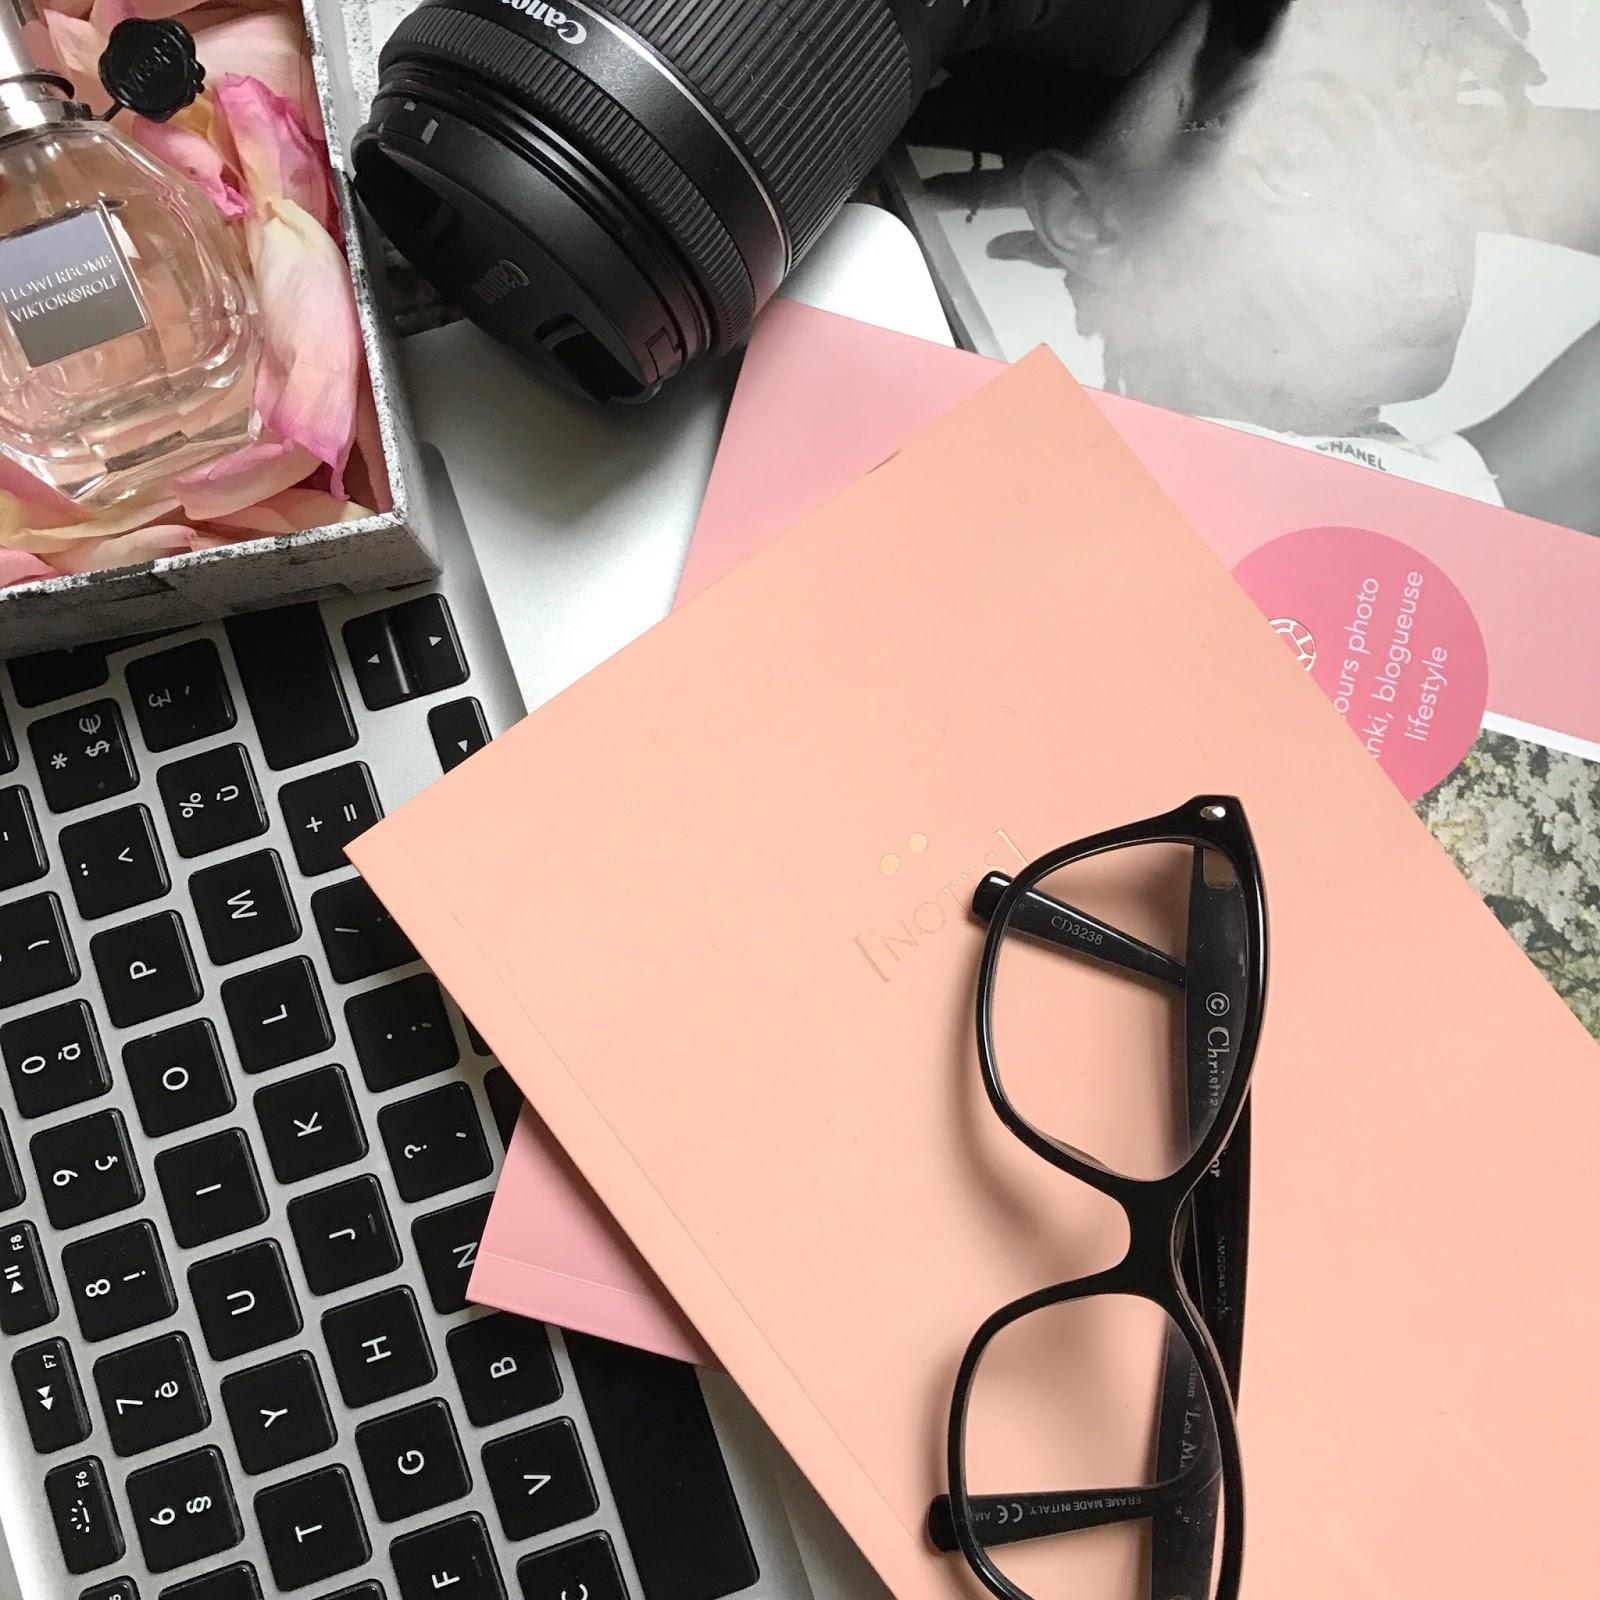 blog blogger blogging comment augmenter son lectorat mode fashion lifestyle comment développer son blog faire connaitre son blog l'importance des réseaux sociaux aggrandir les lecteurs toucher plus de monde référencement SEO porter des escarpins quand comment chaussures bleus comment porter des chaussures bleues tour eiffel blaser etre addict chez Zara trouver des pièces abordables des pièces très peu chères blog blogger blogueuse fashion blogger référencement SEO se faire connaitre avoir plus de vues et des commentaires gagner en visibilité devenir blogueuse professionnelle les raisons